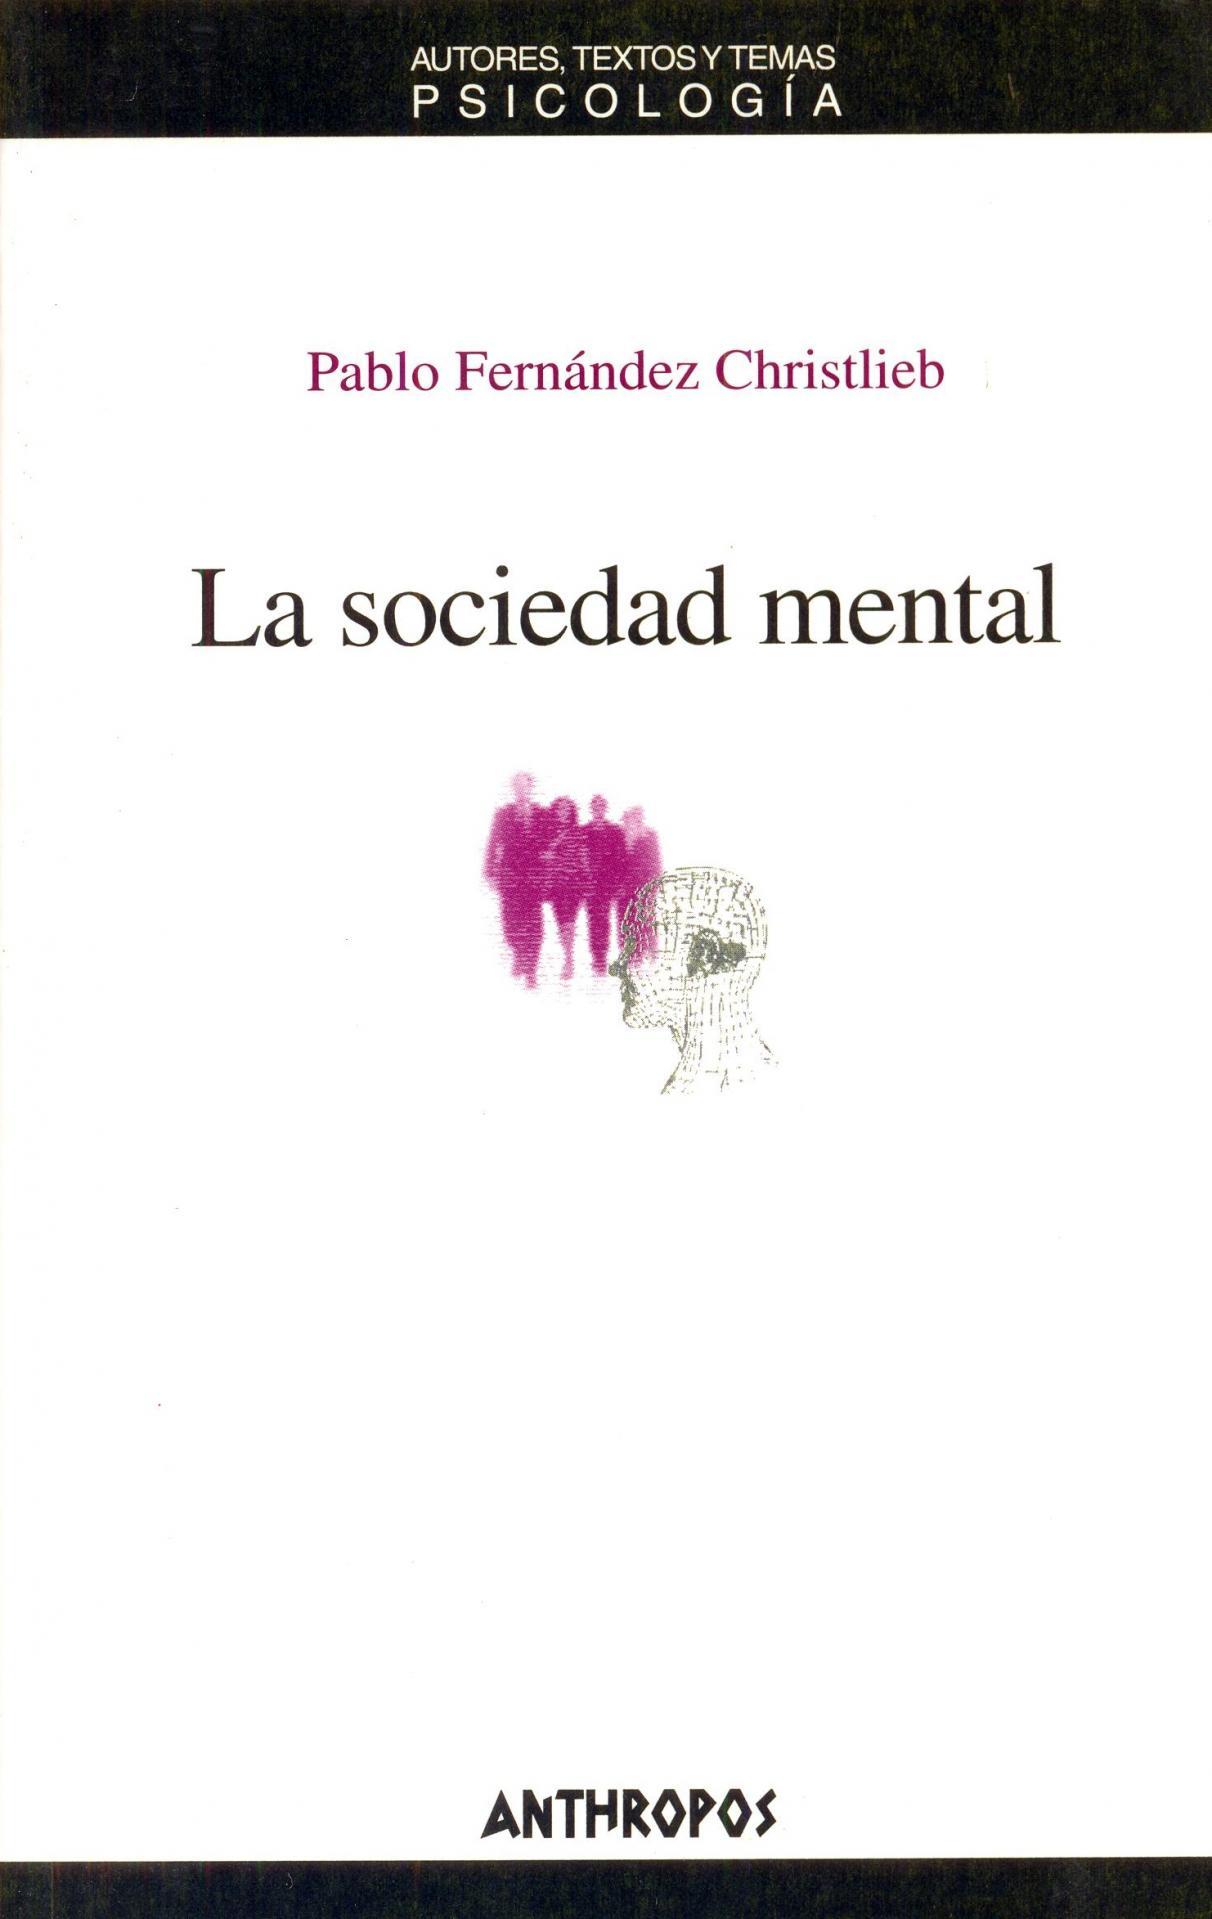 LA SOCIEDAD MENTAL. Fernández Christlieb, P.